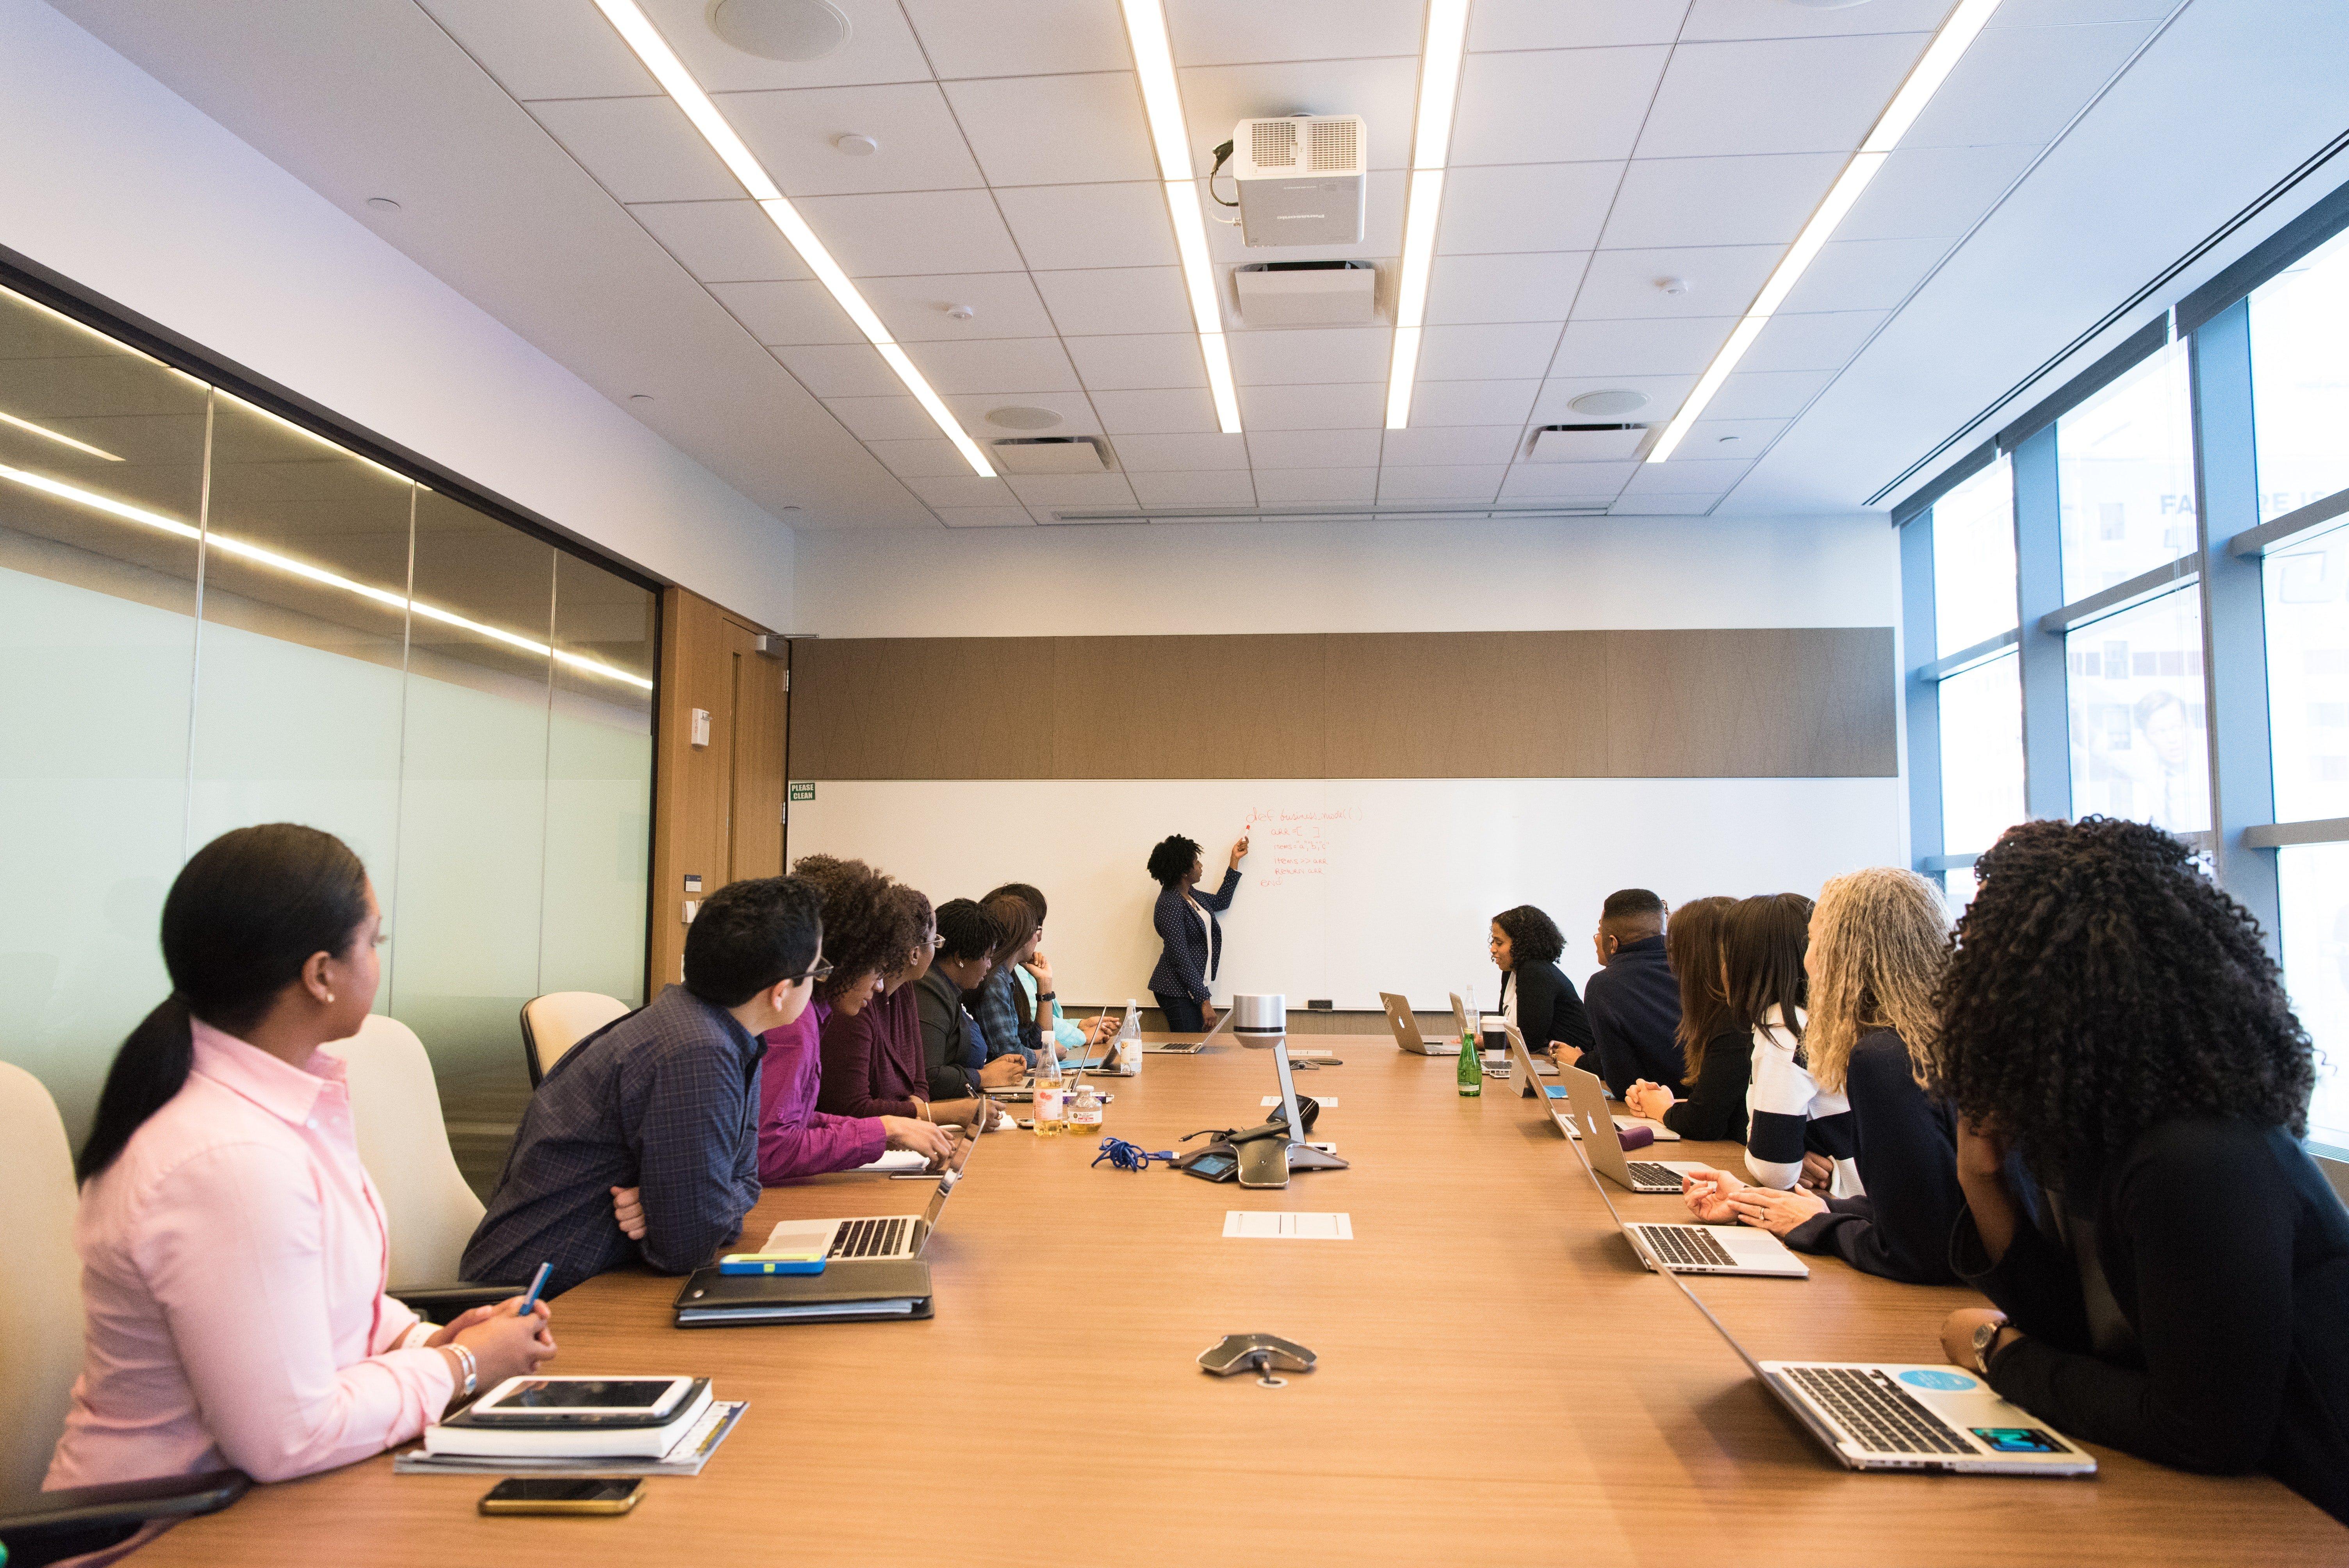 ИФУР РАНХиГС проведет конференцию по ESG-повестке